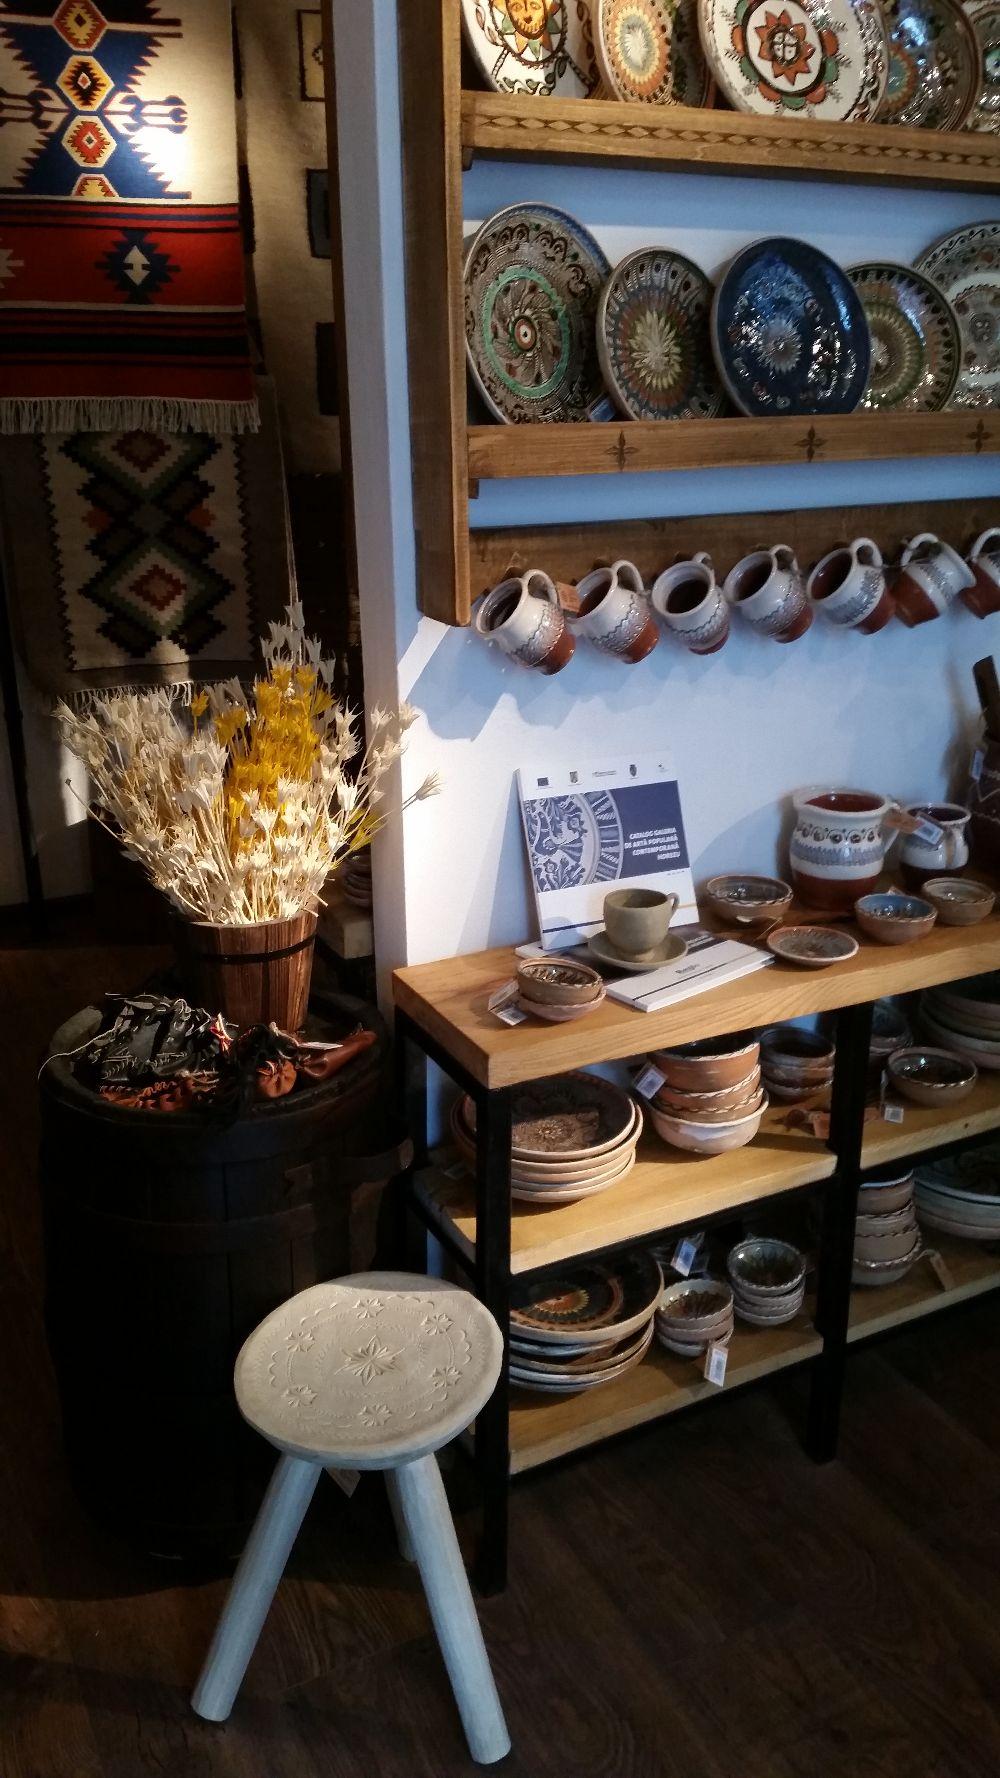 adelaparvu.com despremagazin cu obiecte traditionale, My Romanian Store Bucharest (22)